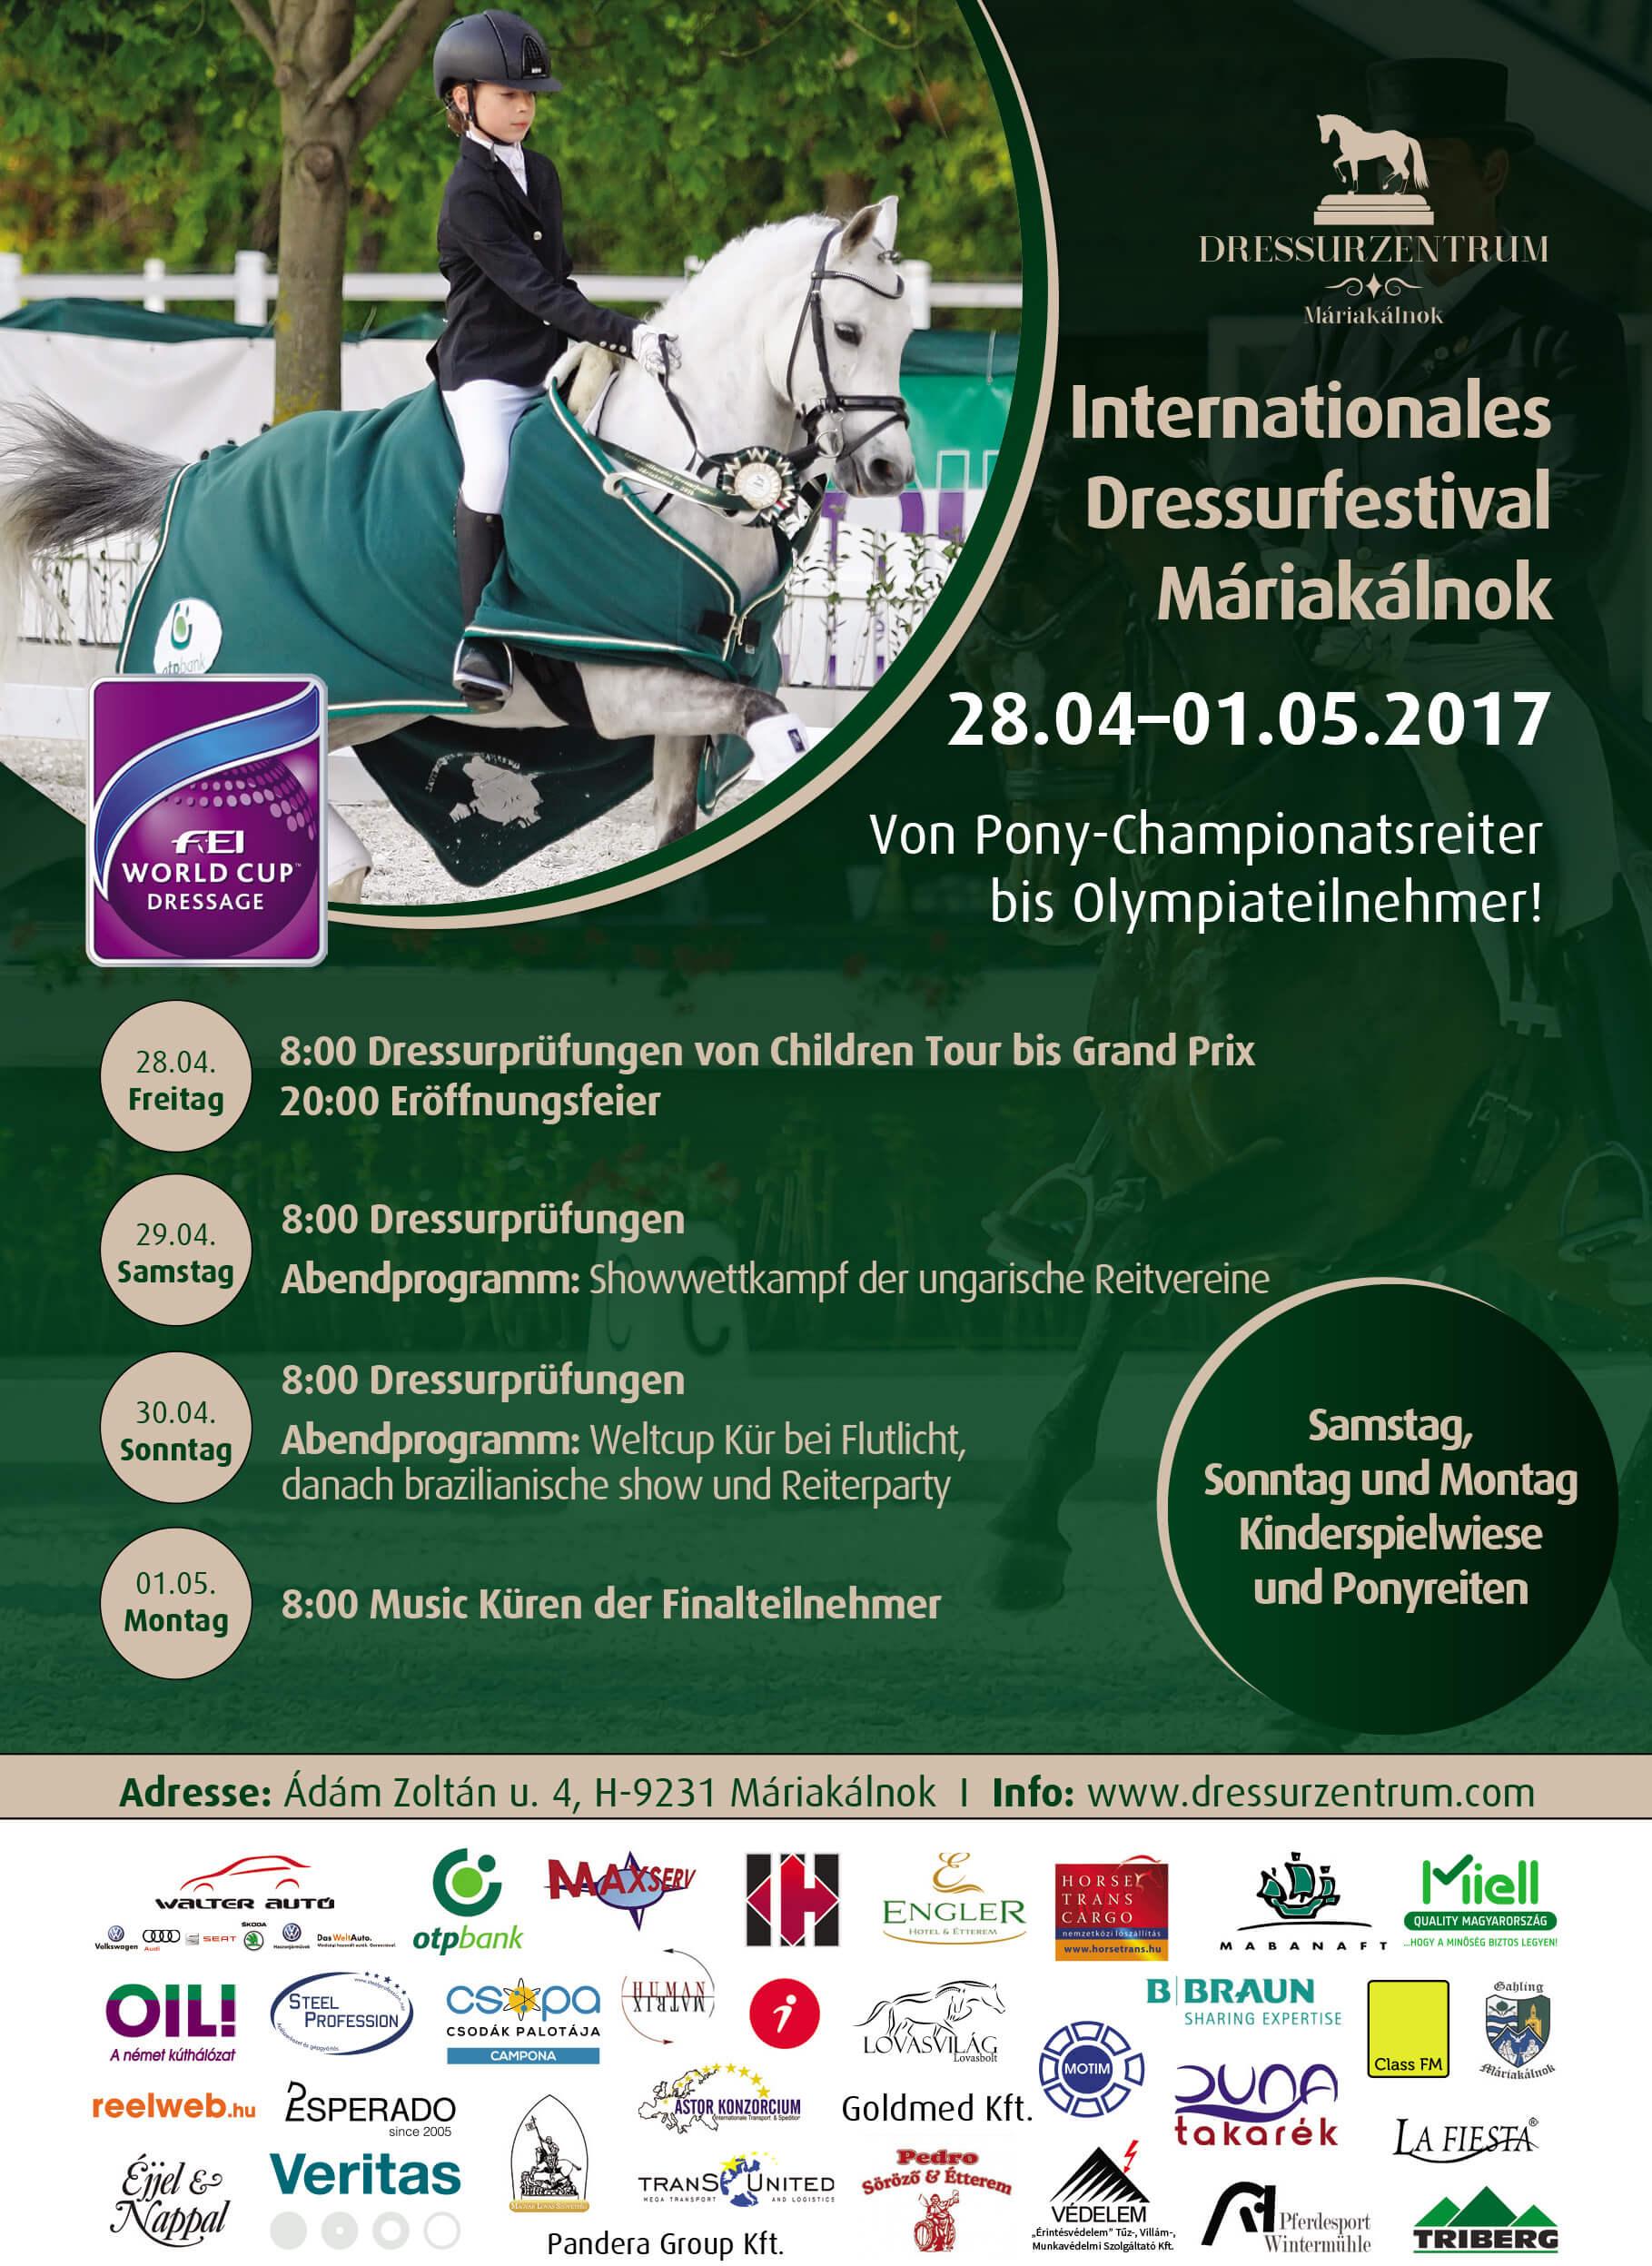 2017. Nemzetközi Dressurfestival